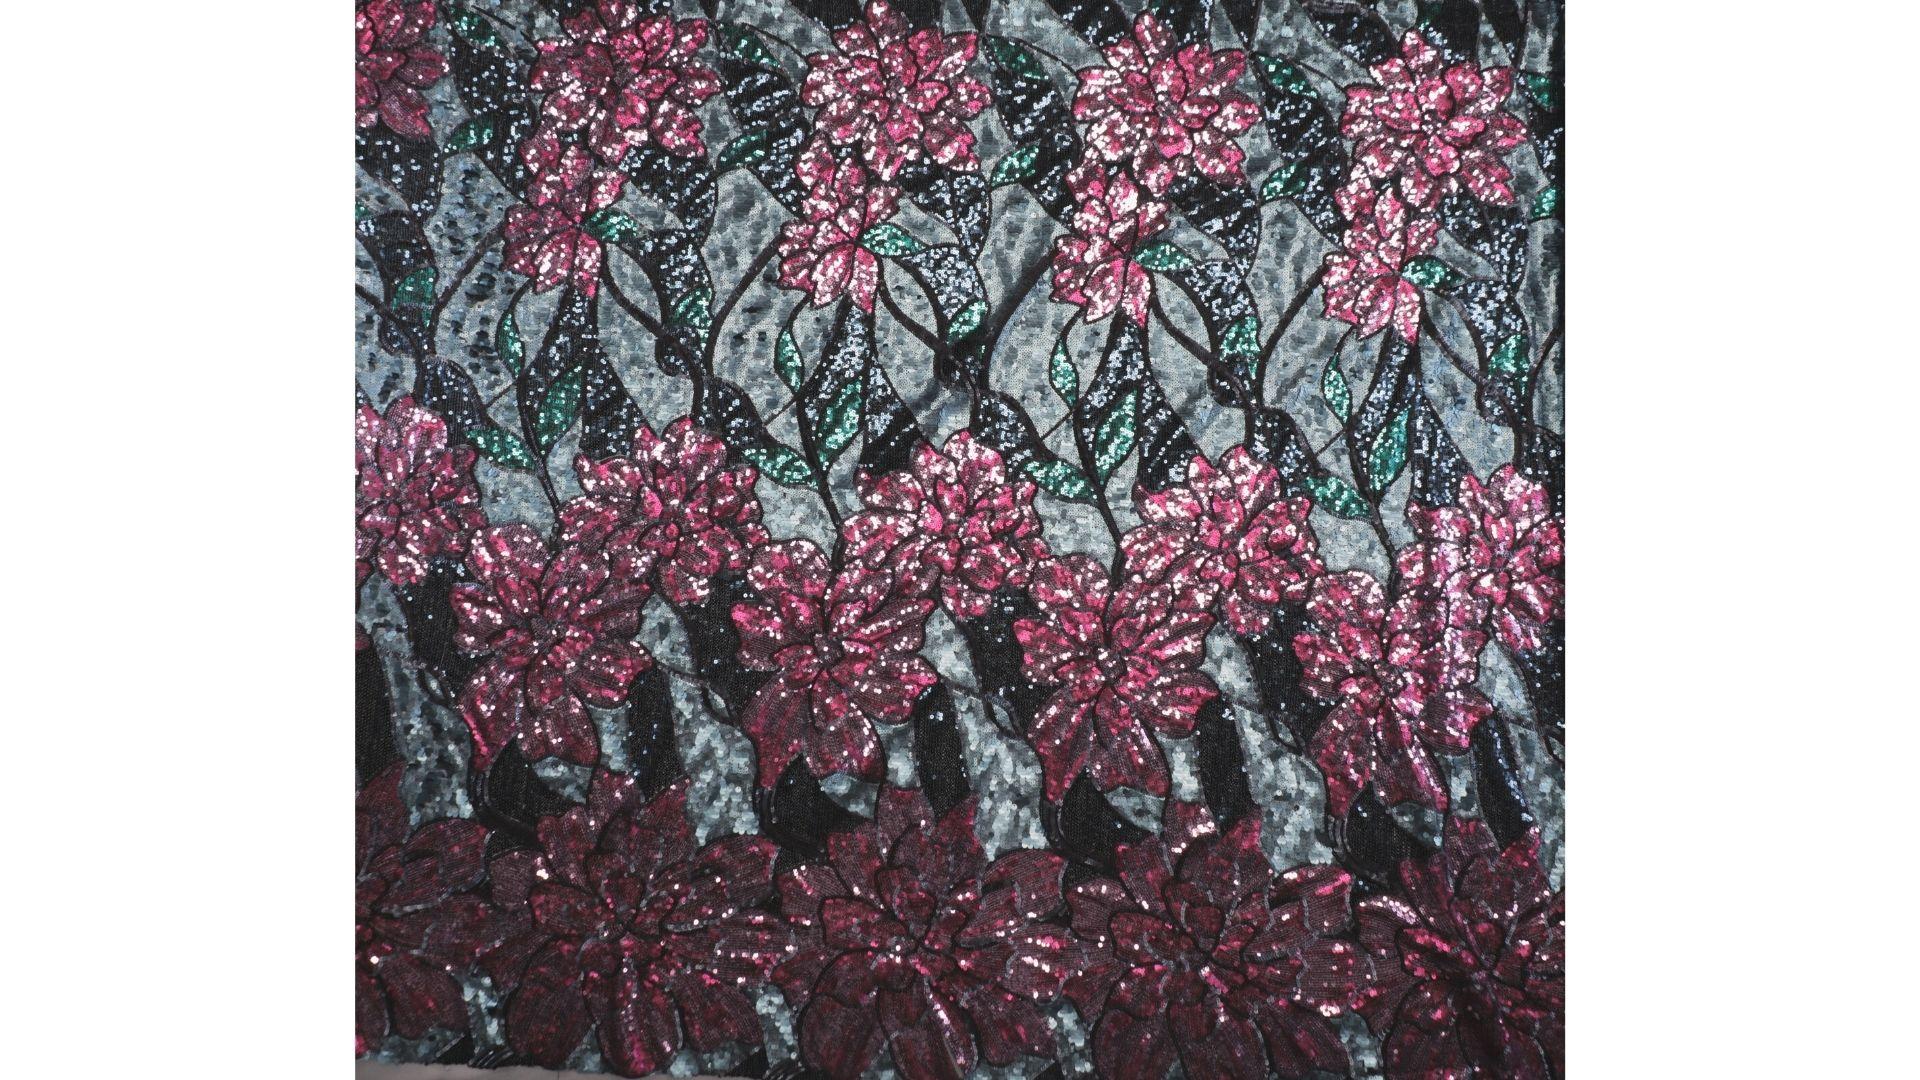 il particolare del tessuto sx047, appartenente alla categoria ricami paillettes, di Leadford & Logan